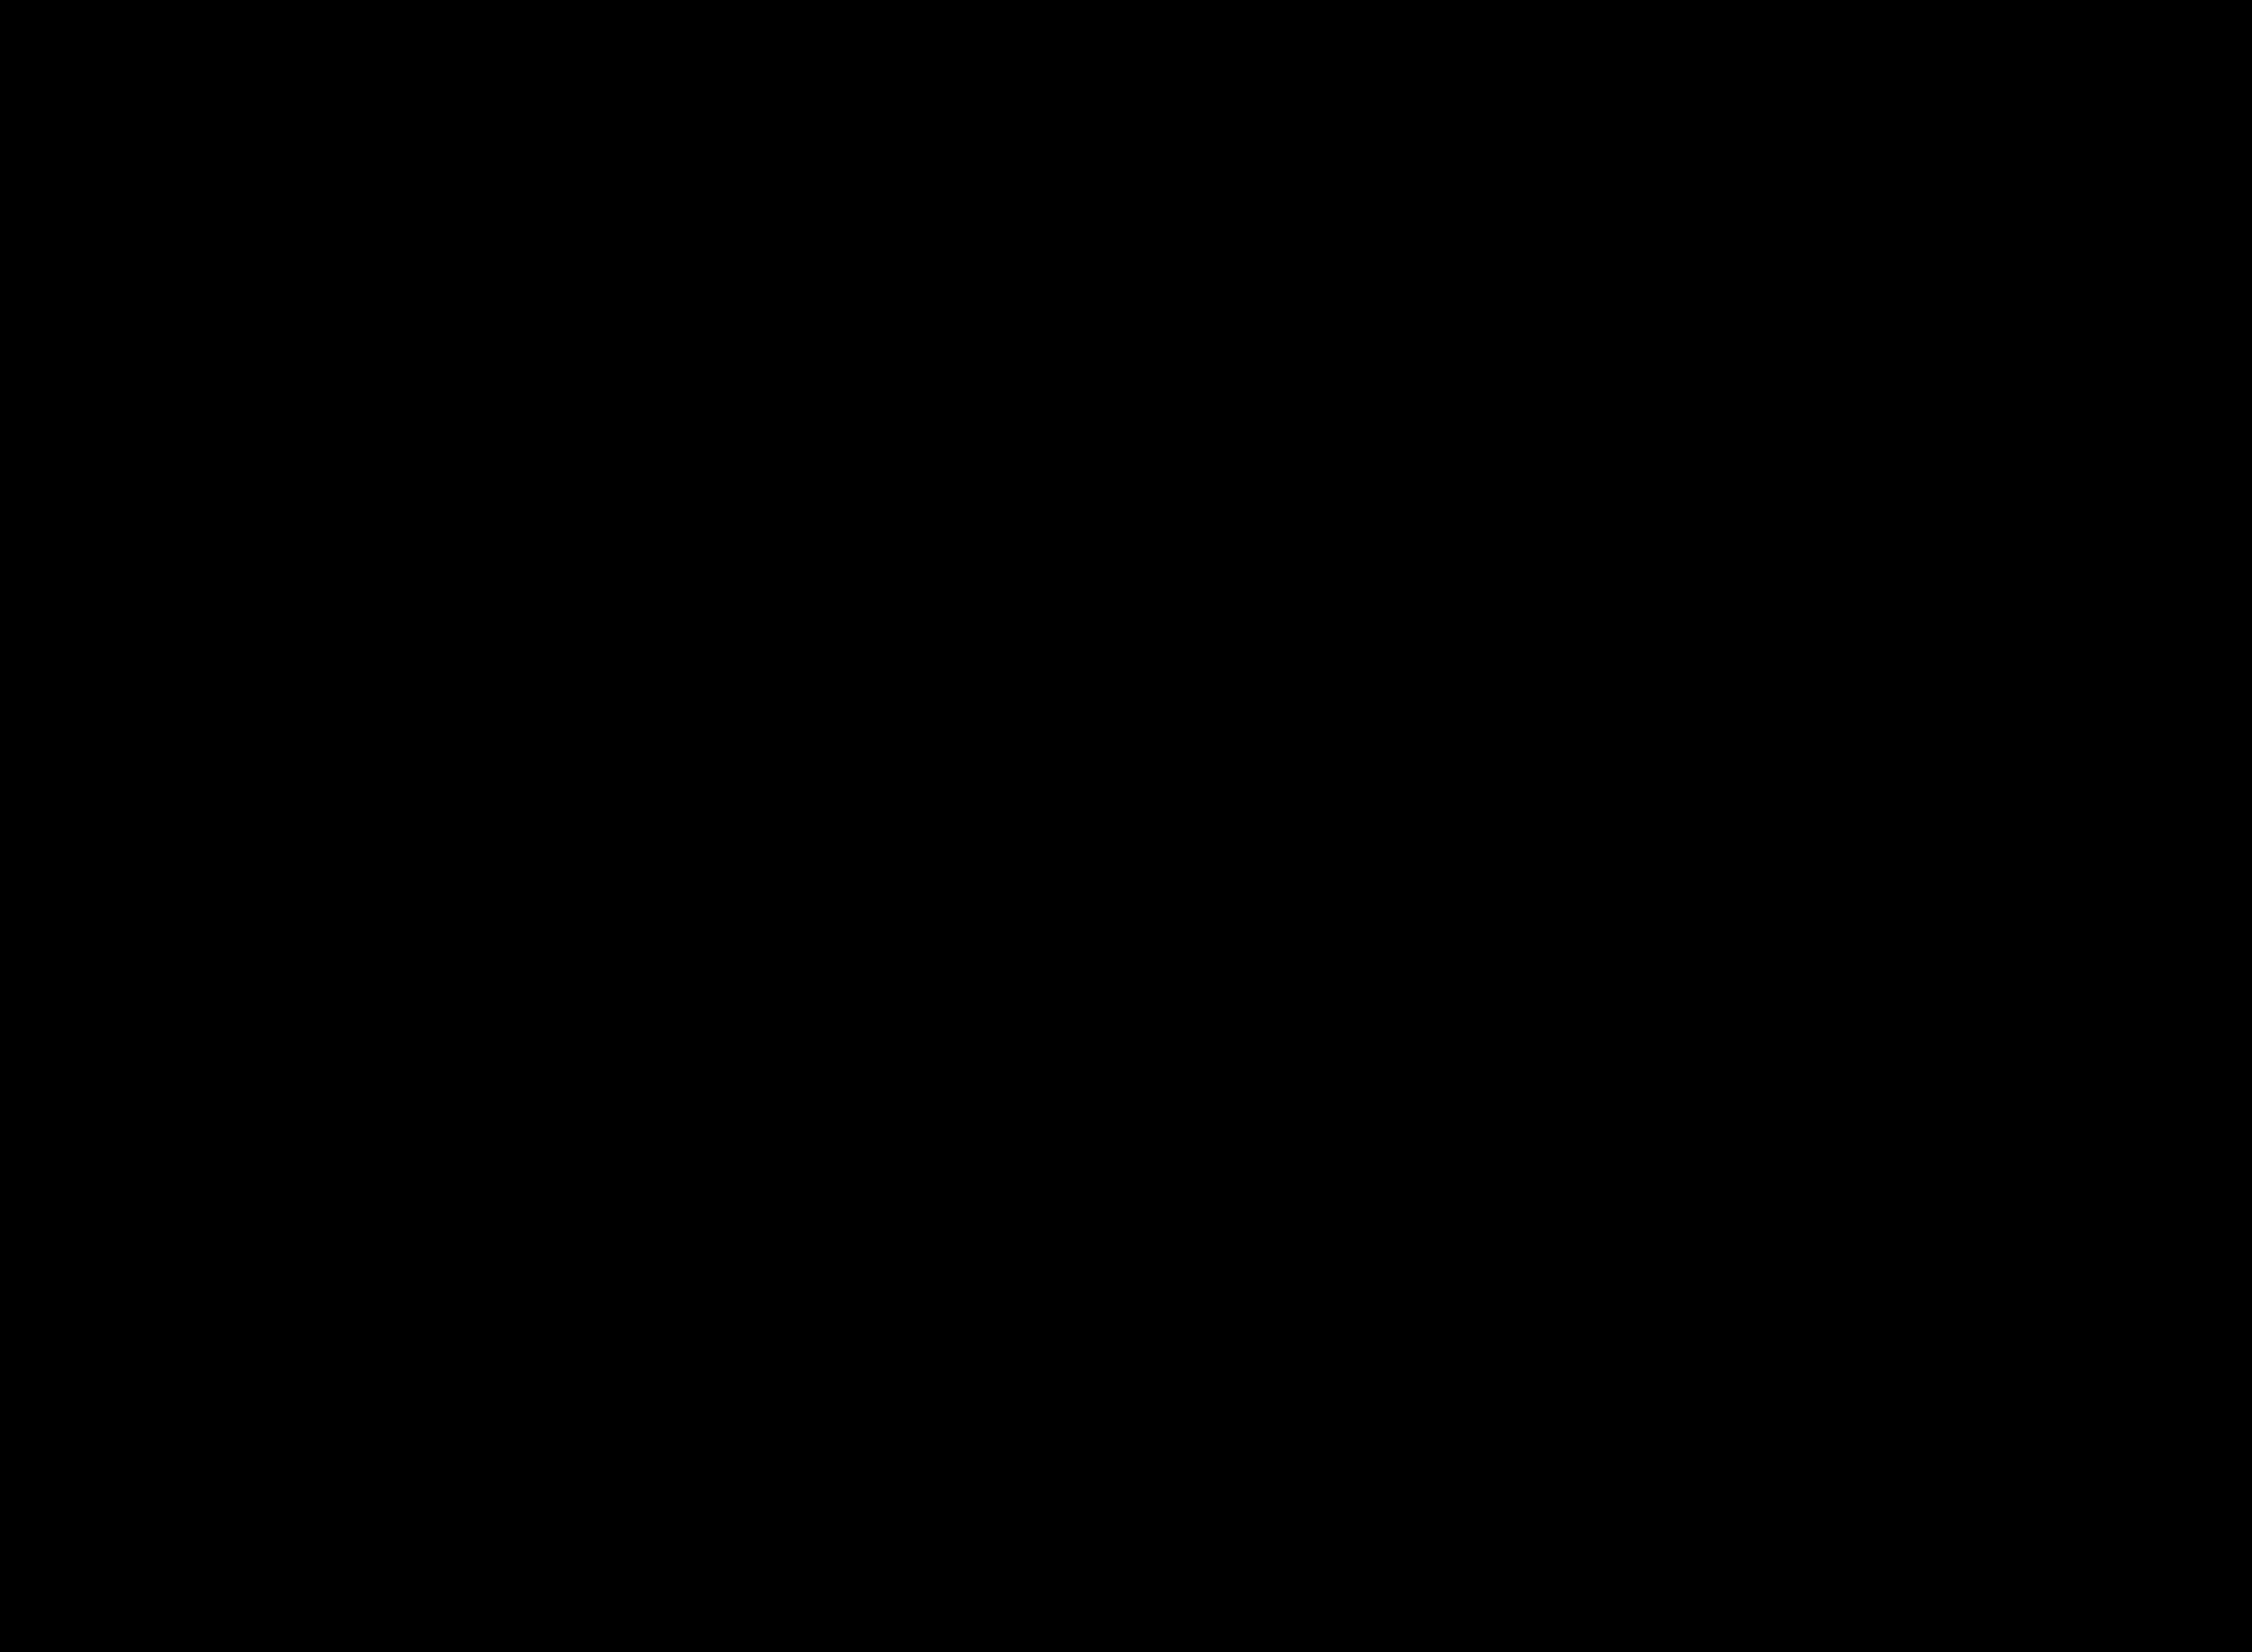 картинки цветов тюльпаны: